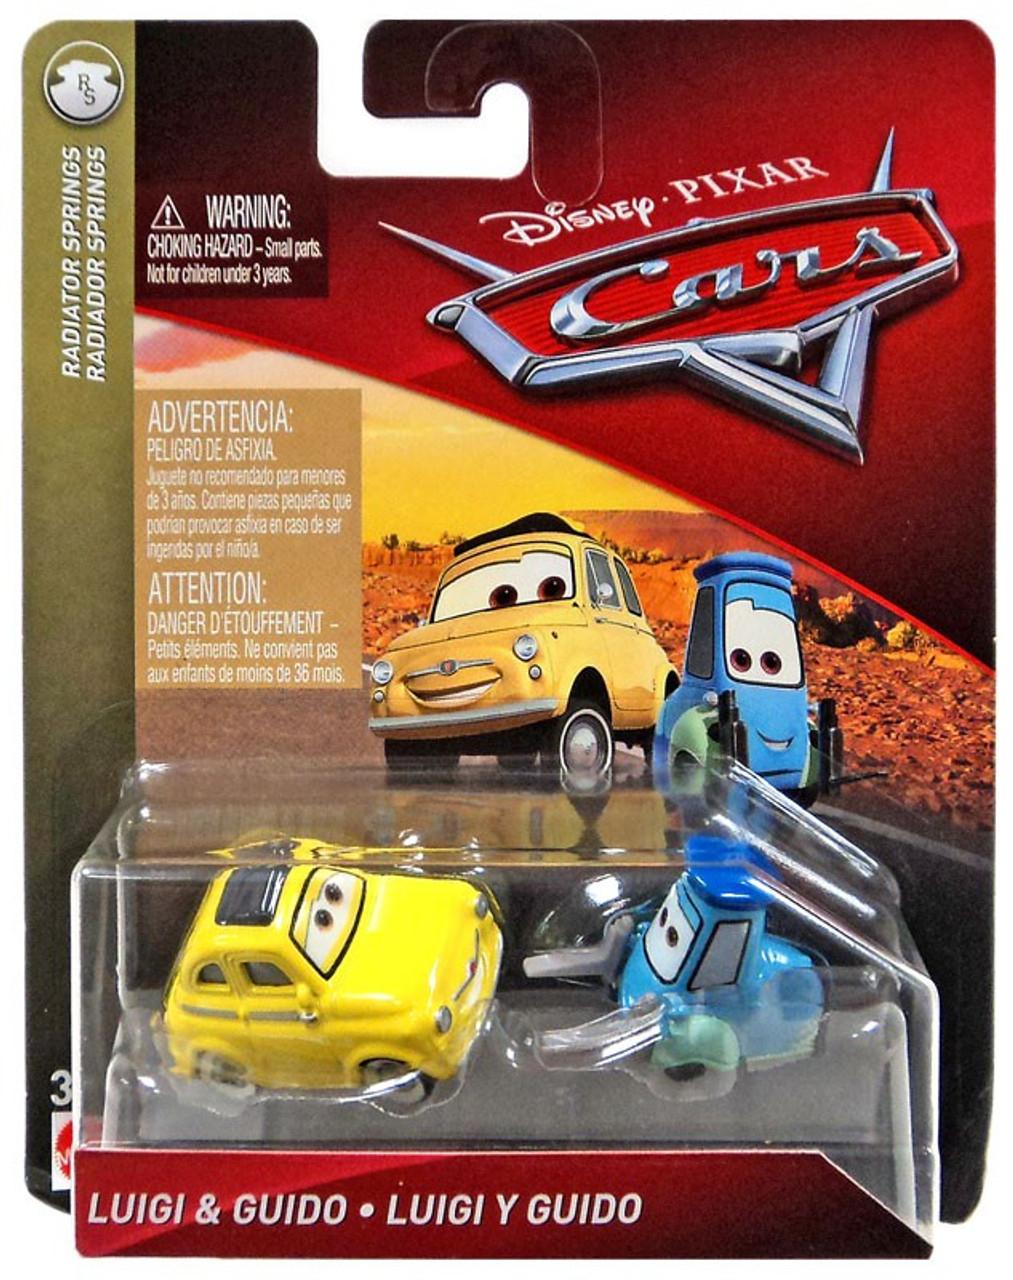 Disney Pixar Cars Cars 3 Radiator Springs Luigi Guido 155 Diecast